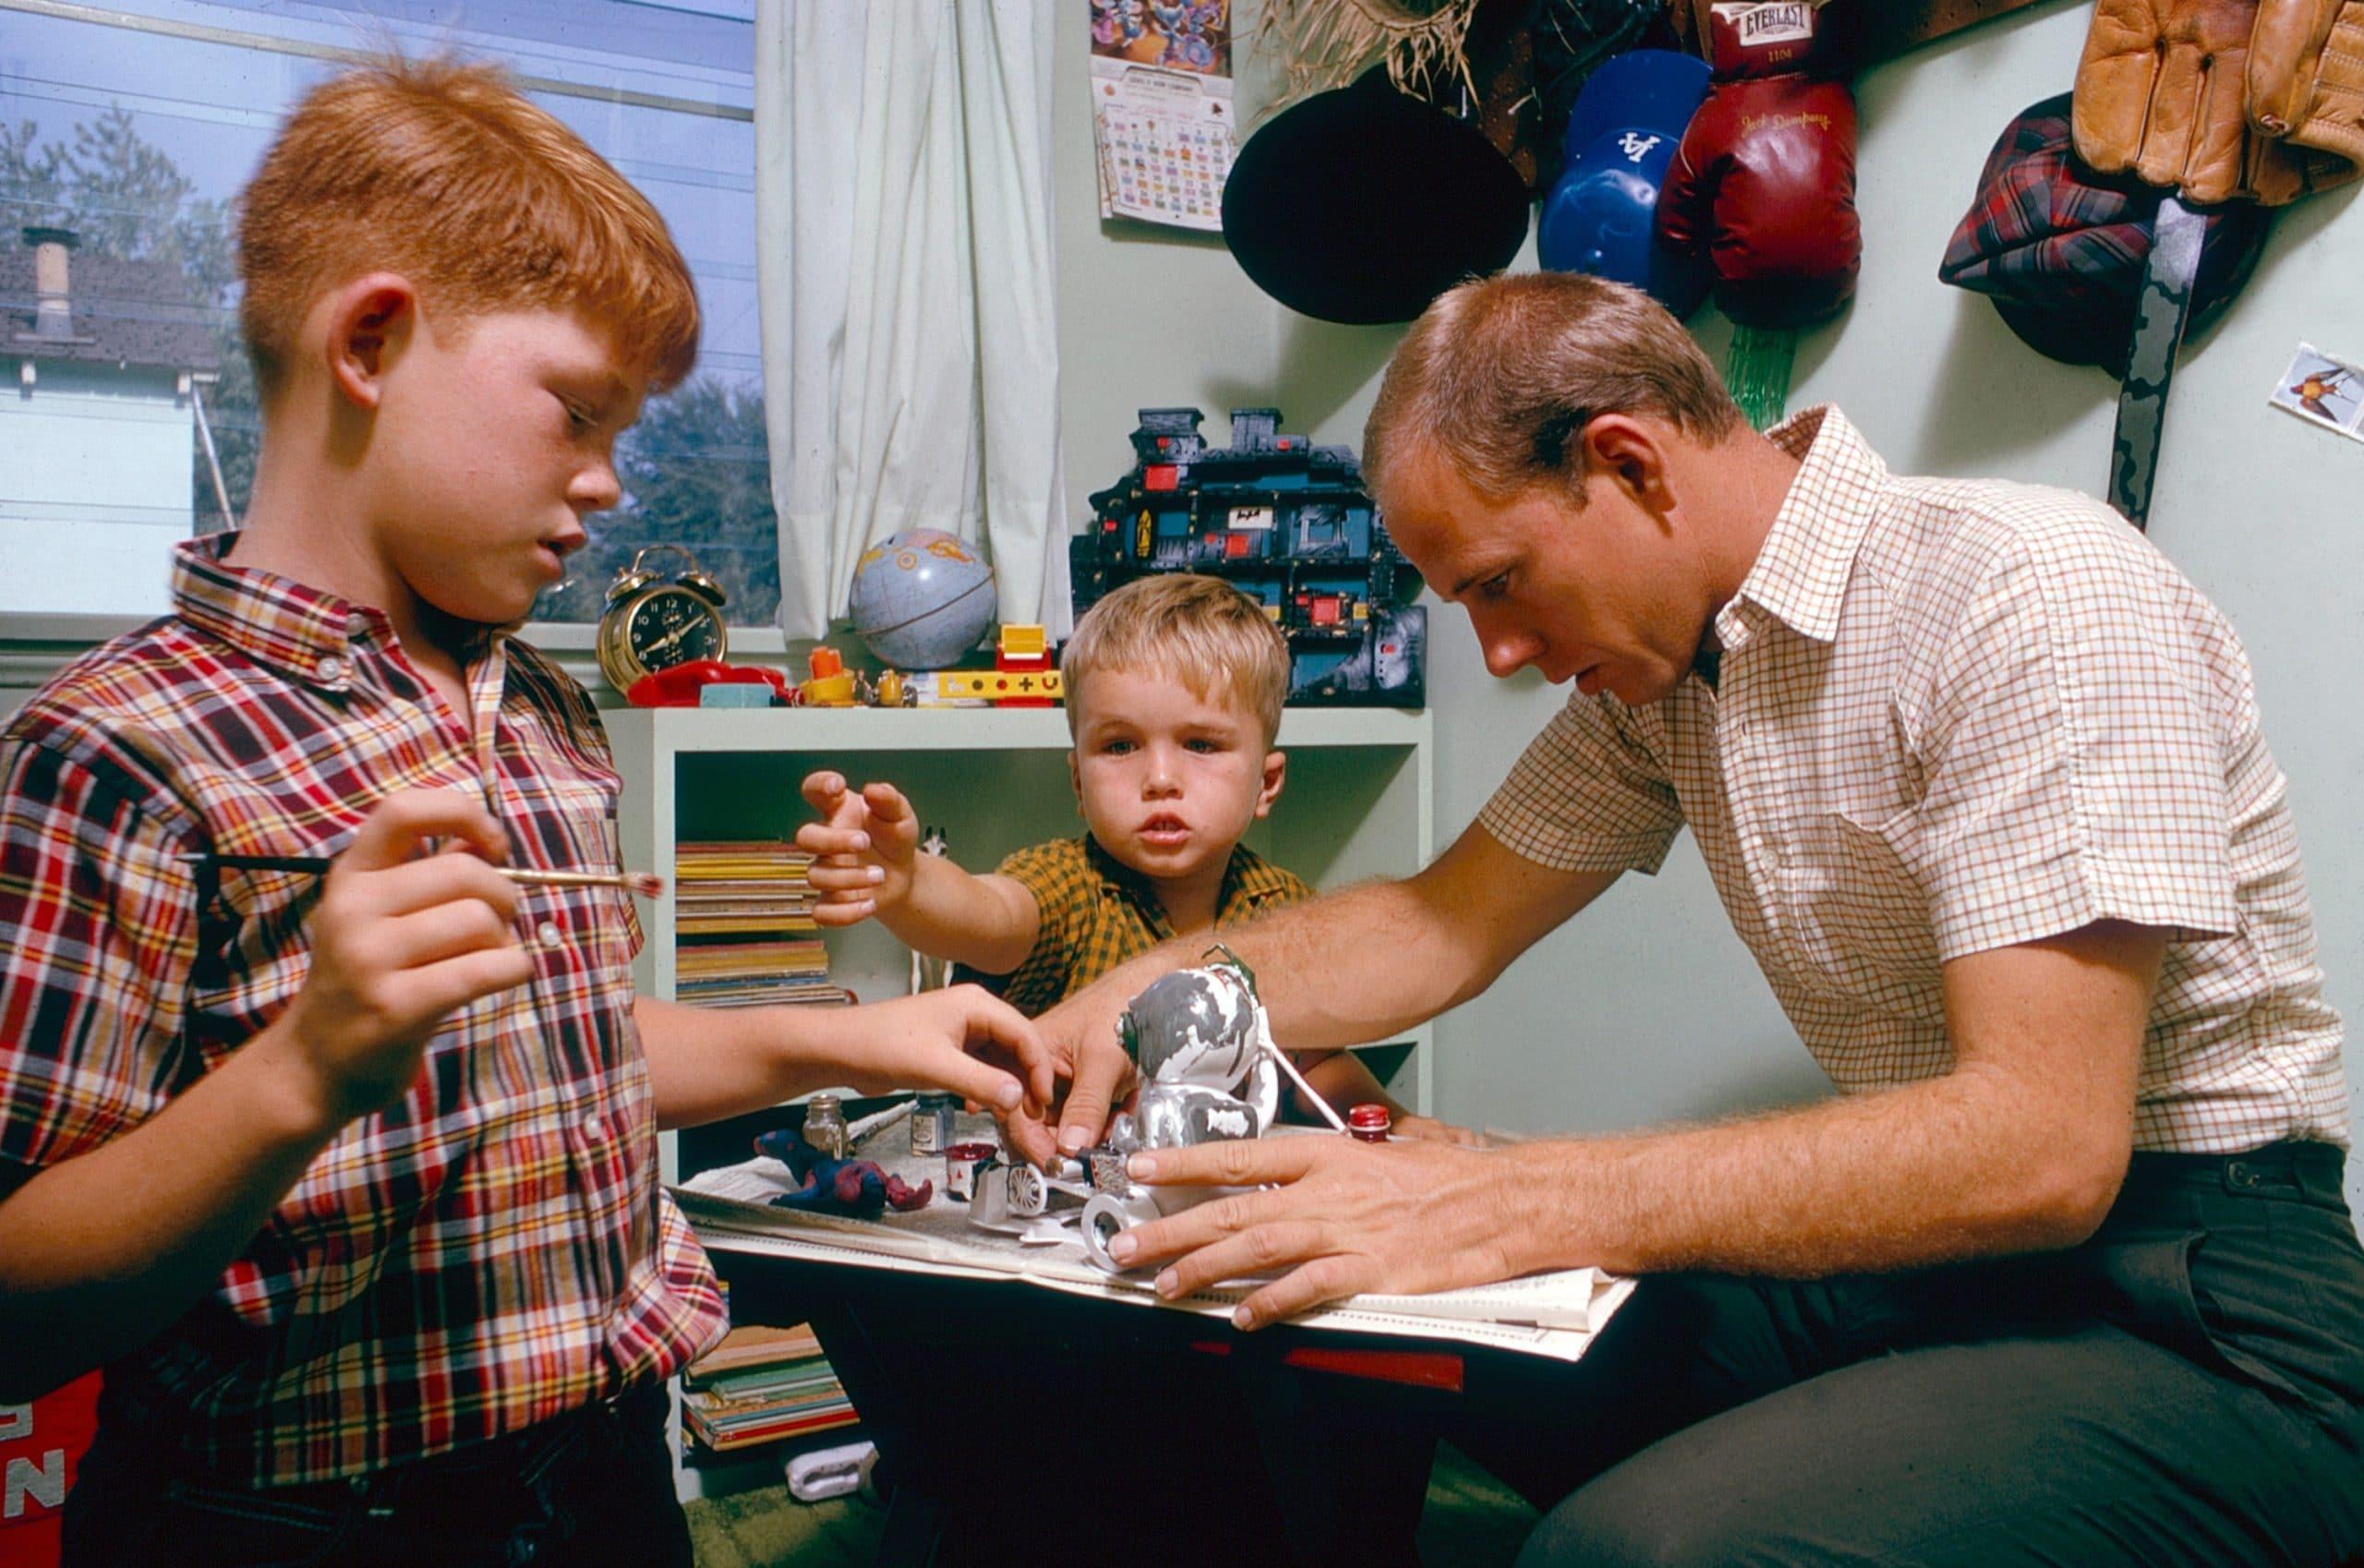 From left: Ron Howard, Clint Howard, Rance Howard, October 1964